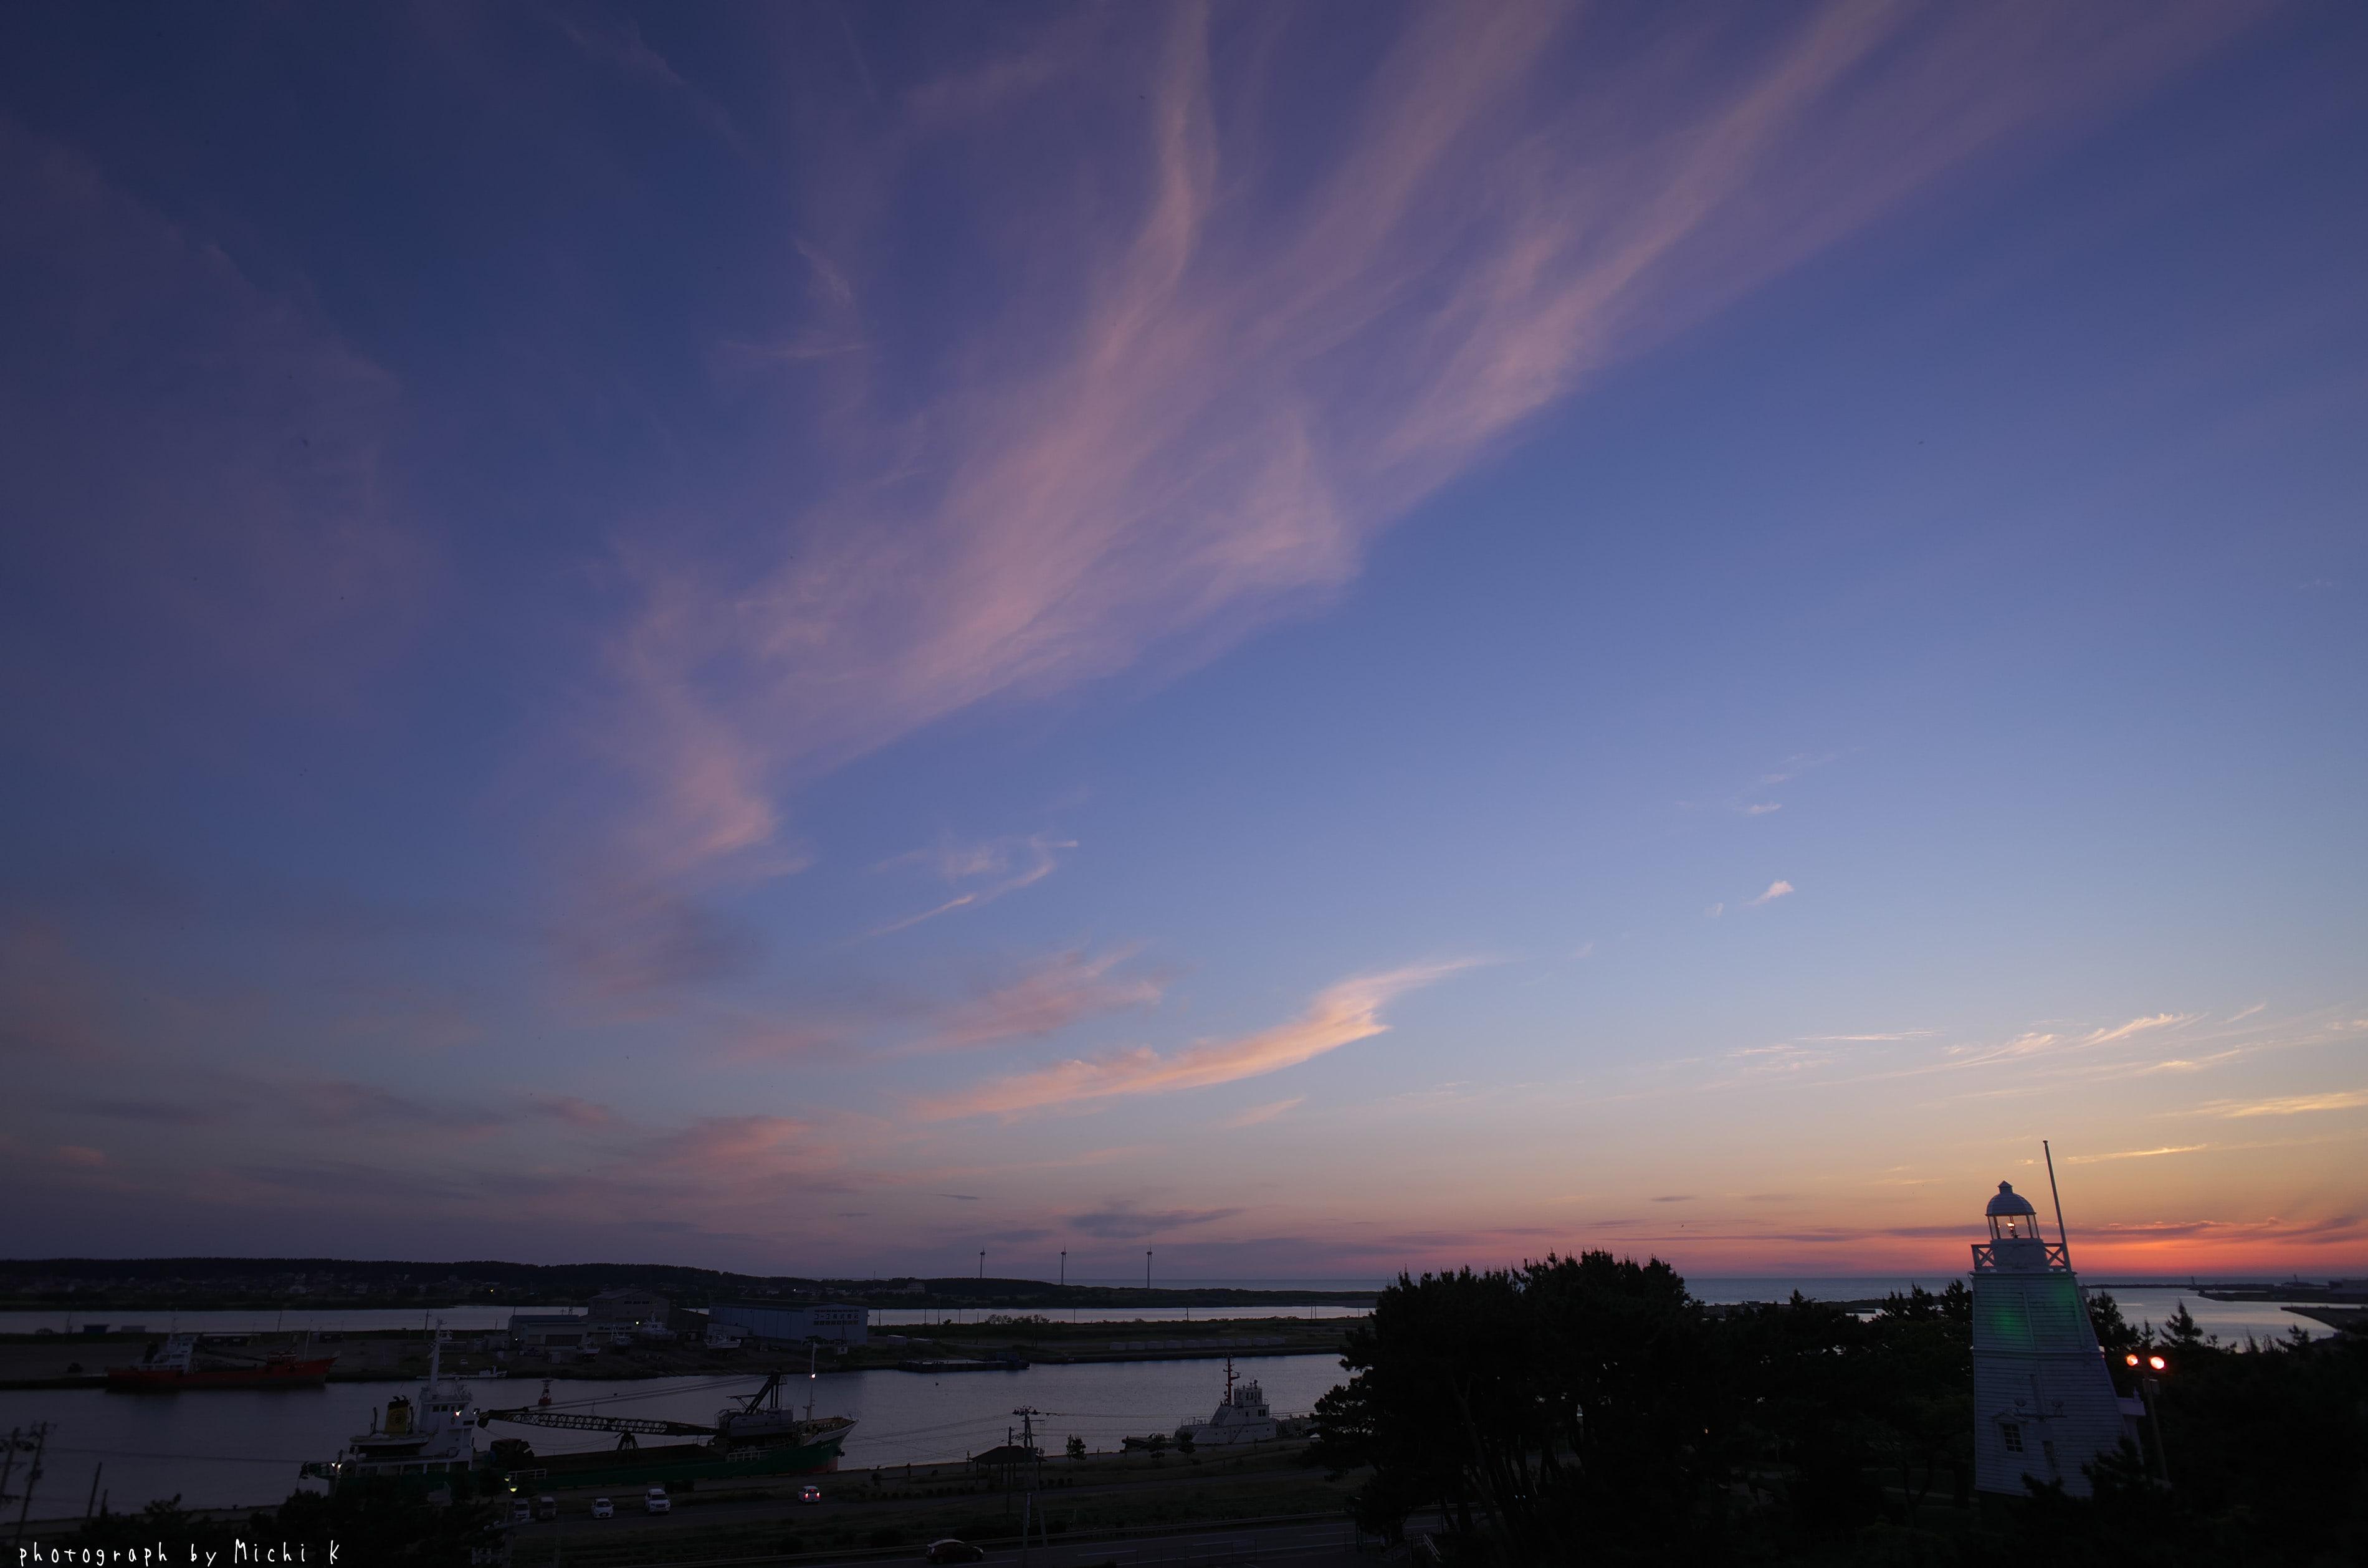 酒田市・日和山から夕焼け(写真その2)